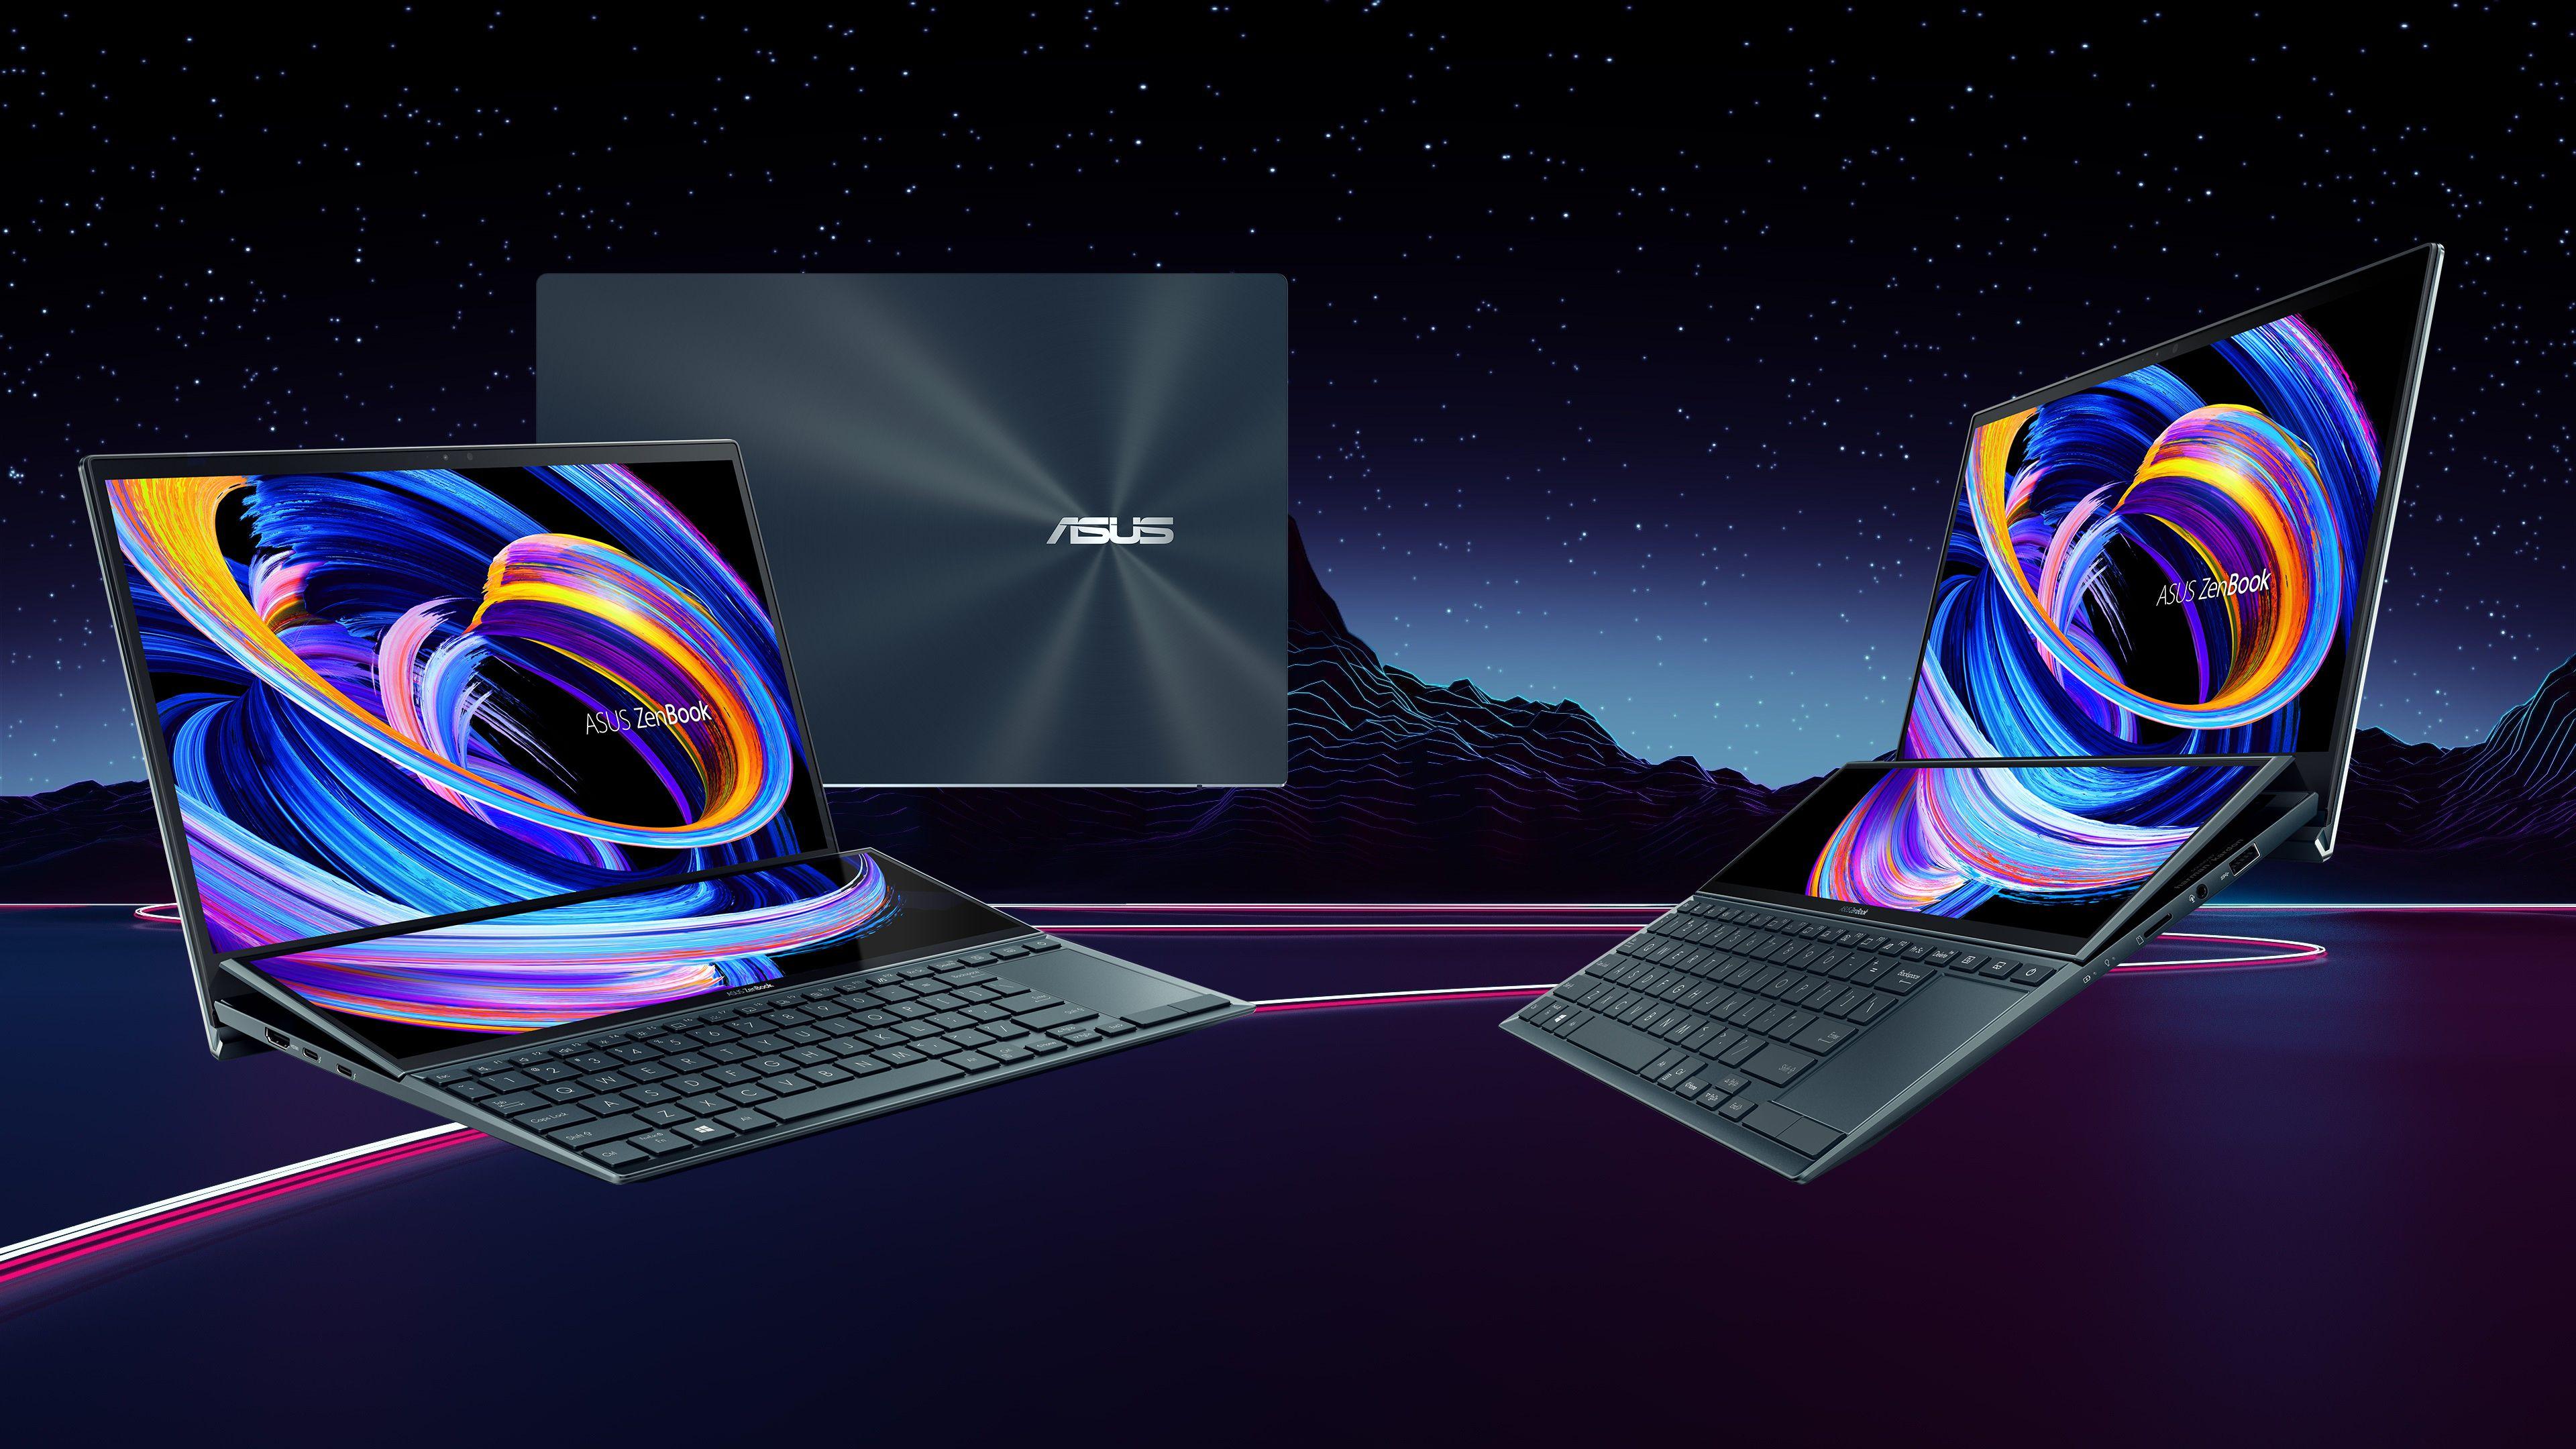 Modelo topo de linha da linha, ZenBook Duo 14 se destaca pela ScreenPad Plus, uma tela adicional de 12,6 polegadas para incrementar a produtividade